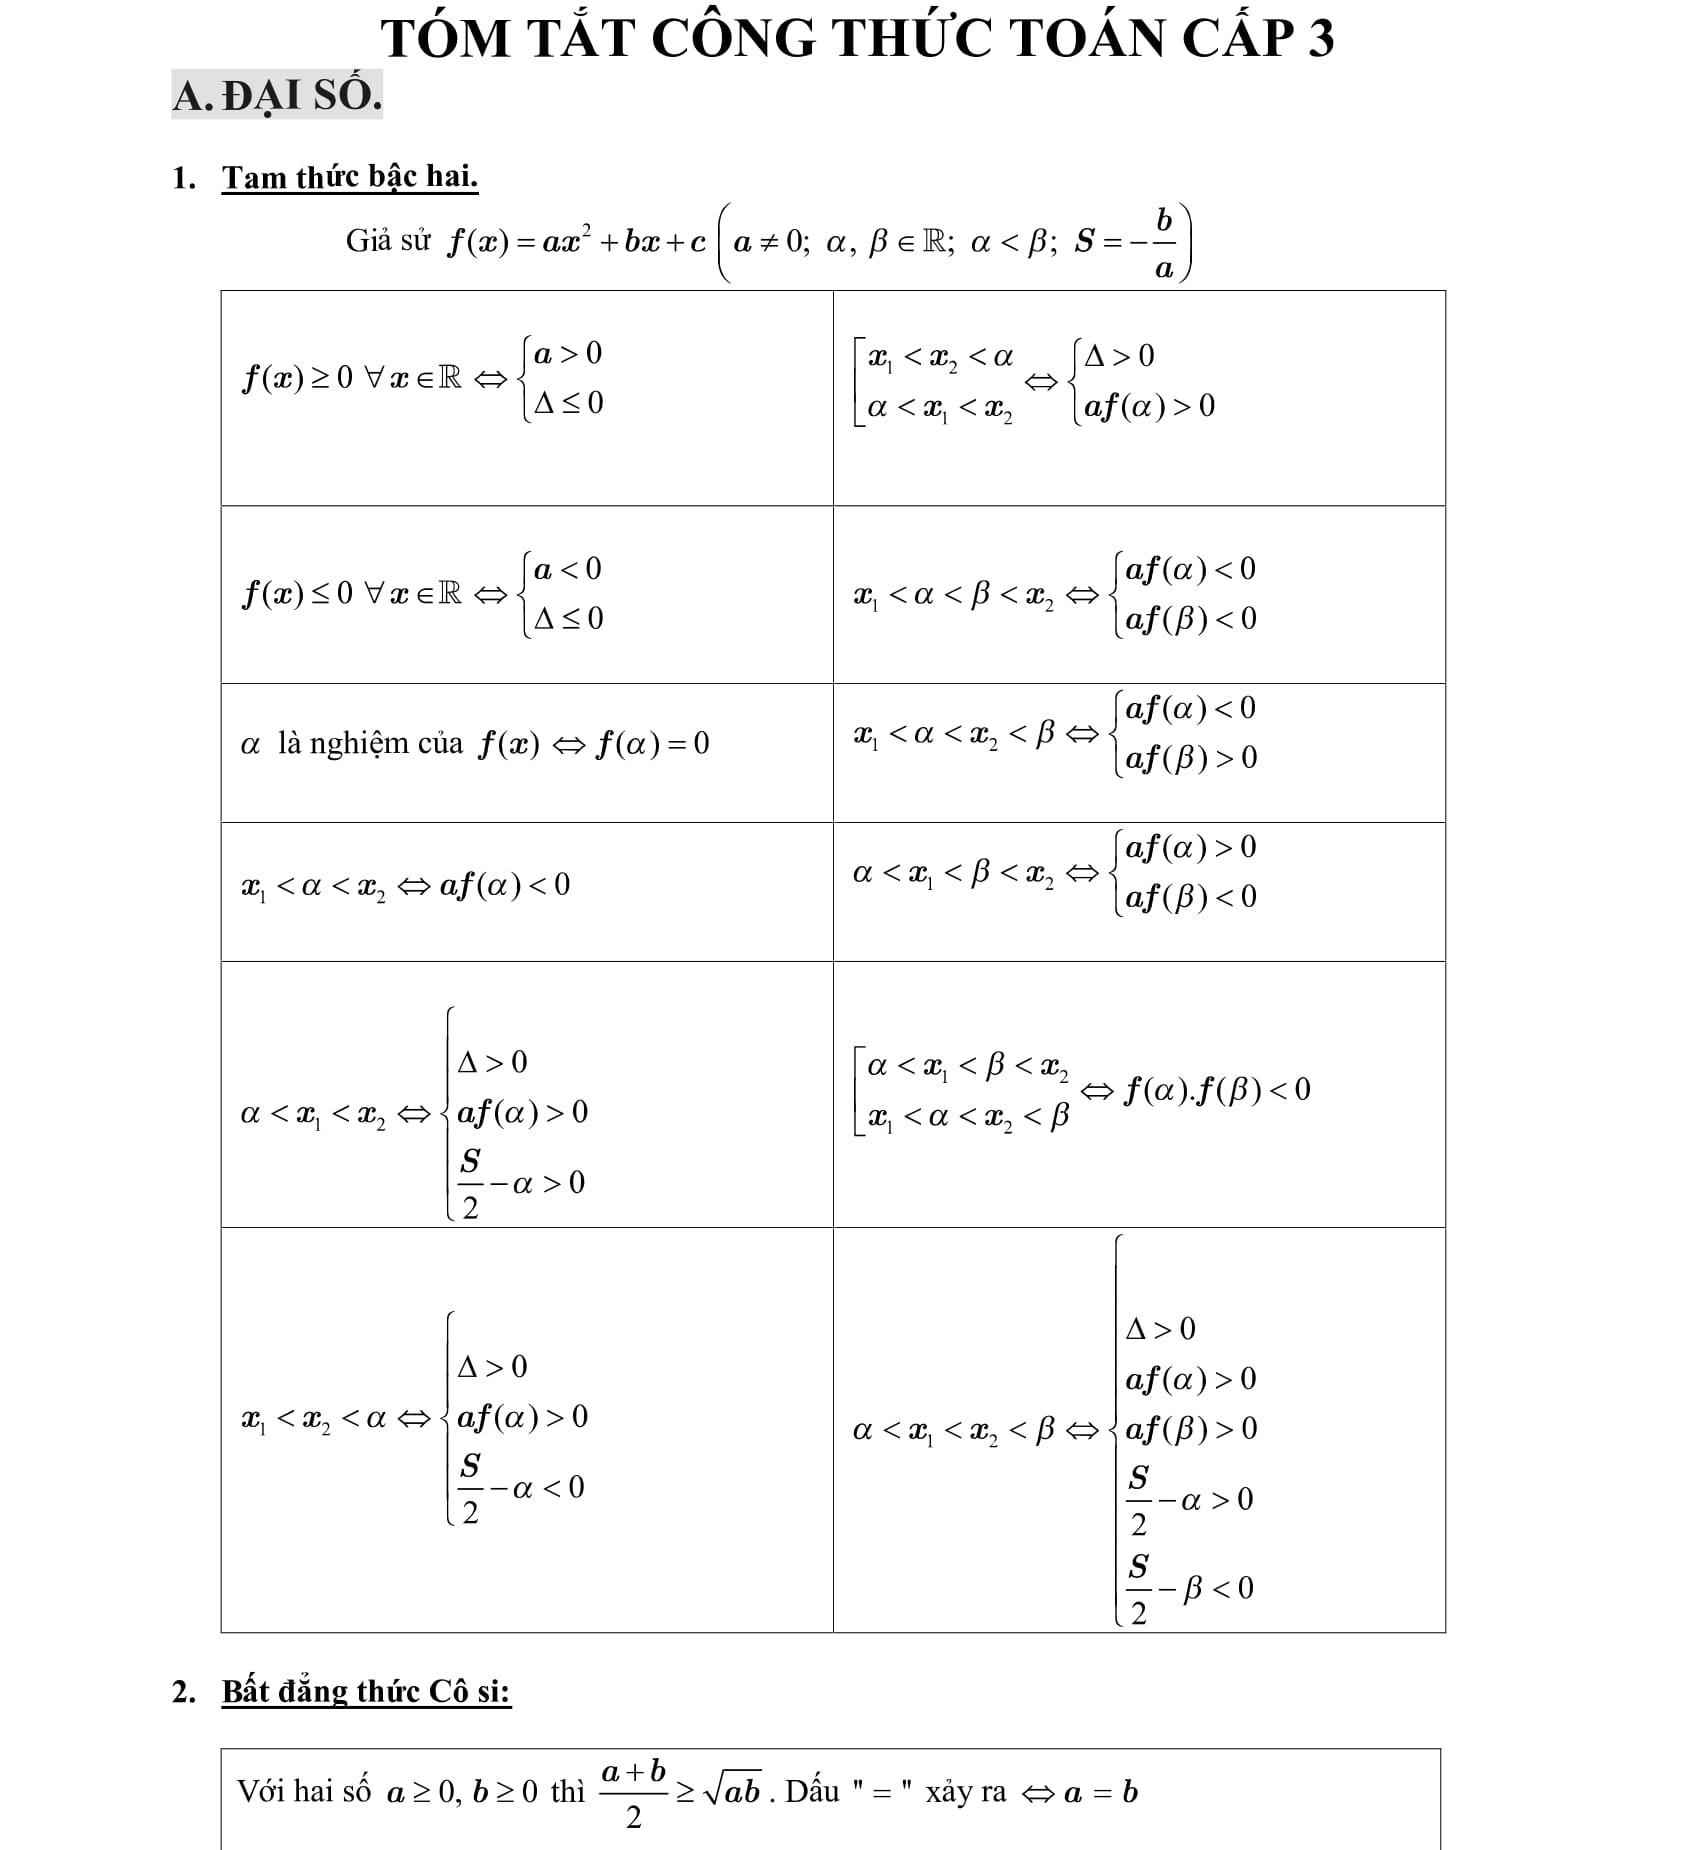 Trọn bộ công thức toán cấp 3